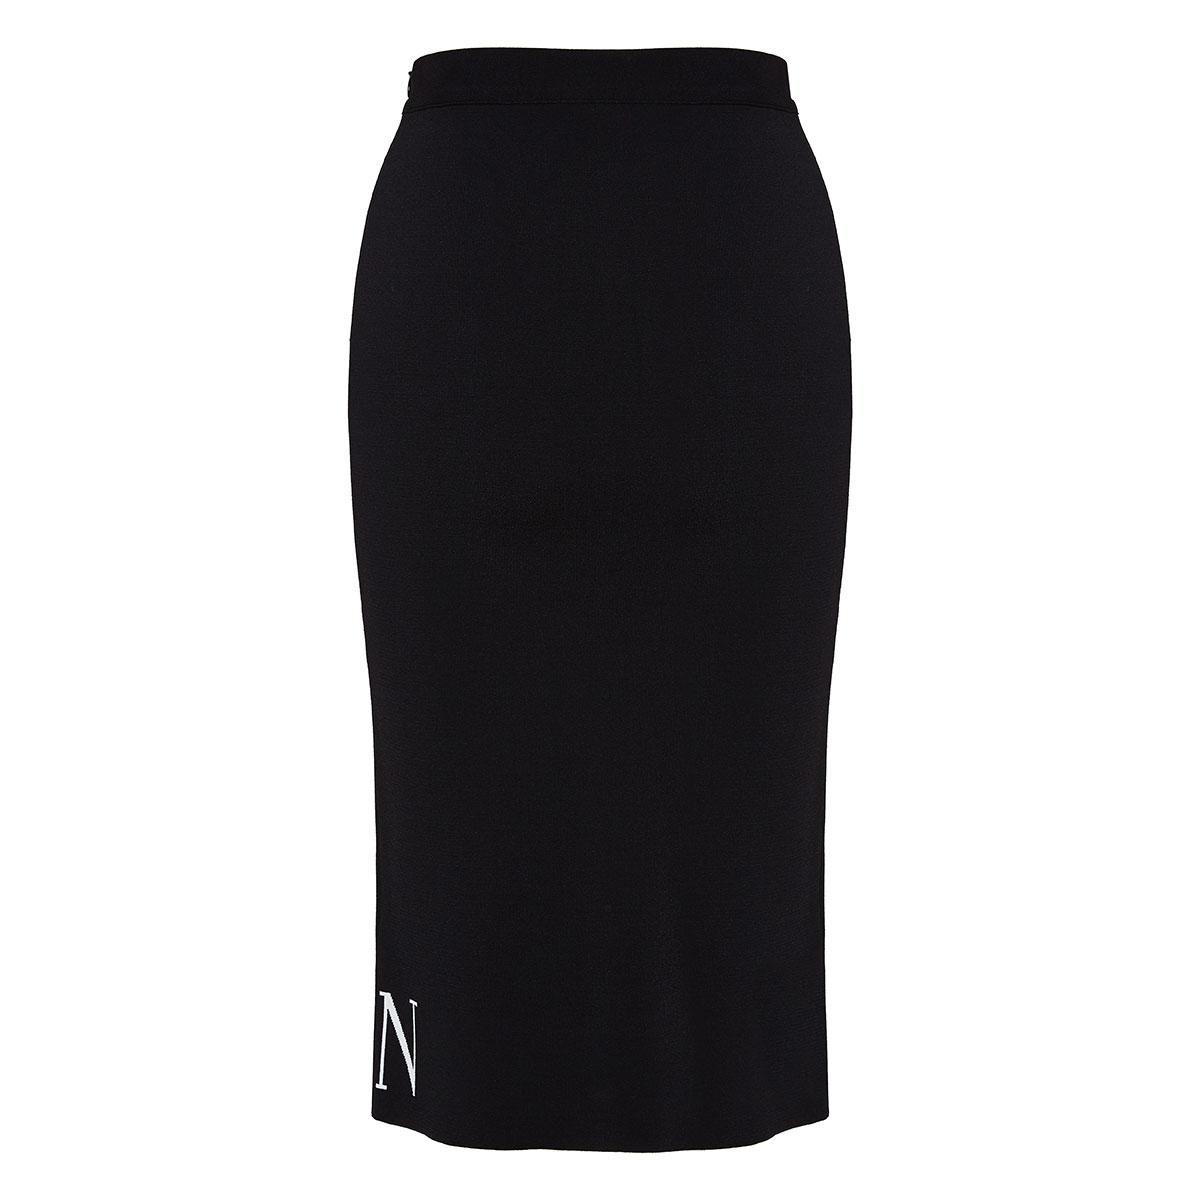 VLTN knitted pencil skirt